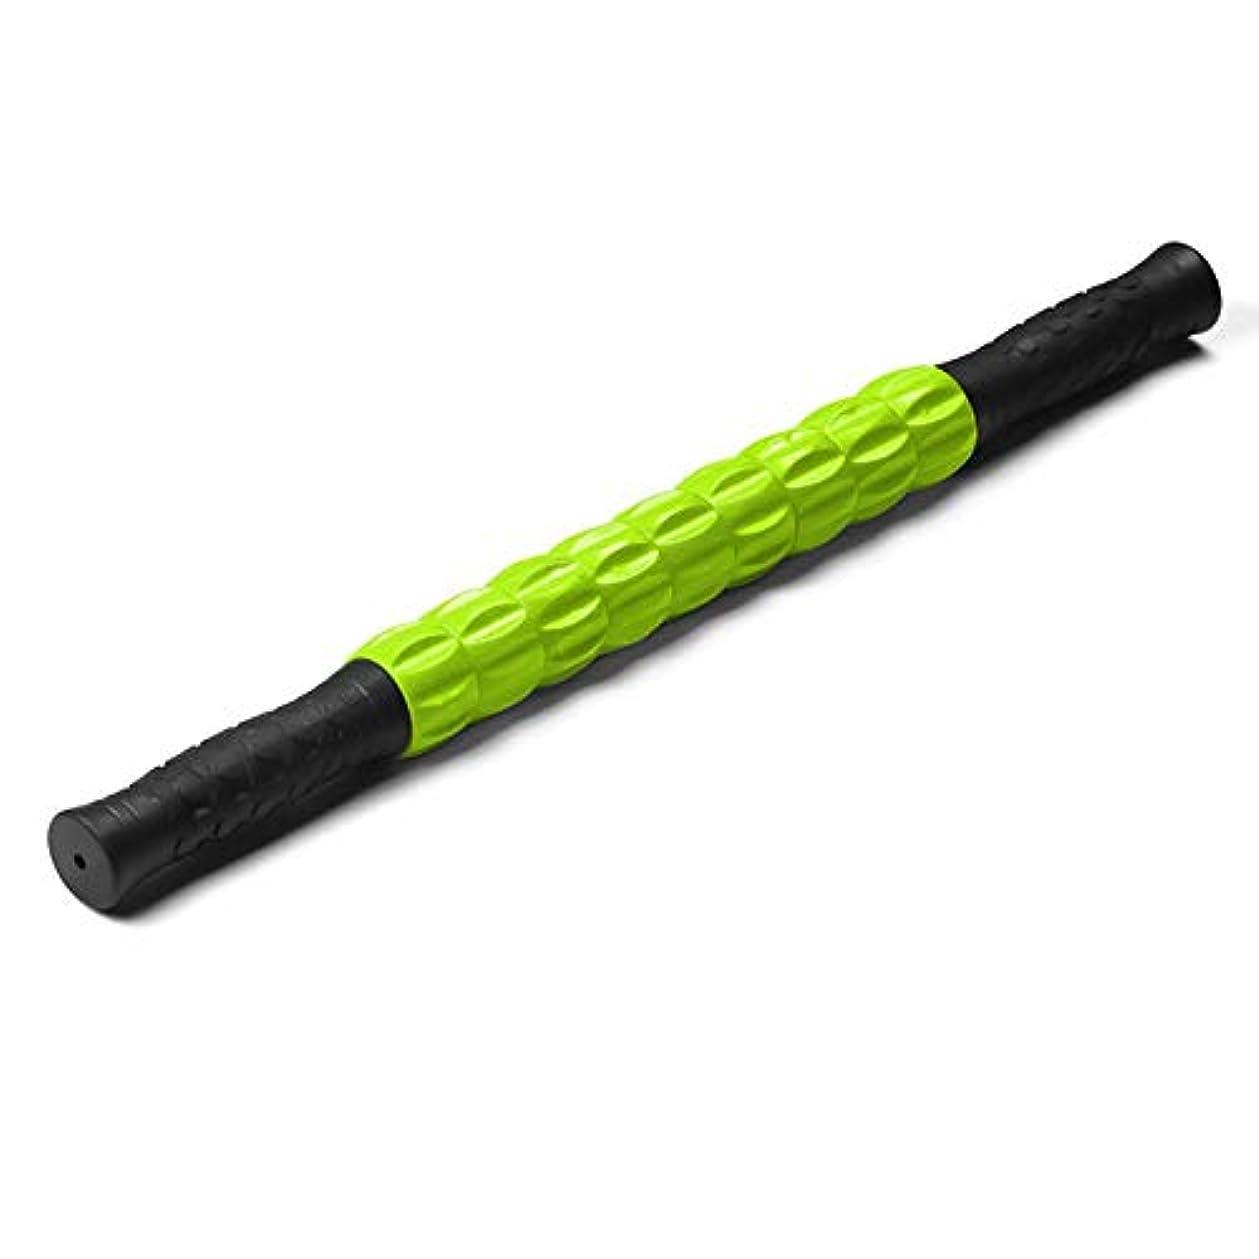 持続する配管機構Muscle Massage Stick Yoga Deep Muscle Relaxation Tool Universal Massage Shaft Gear Massager Muscle Massage Roller